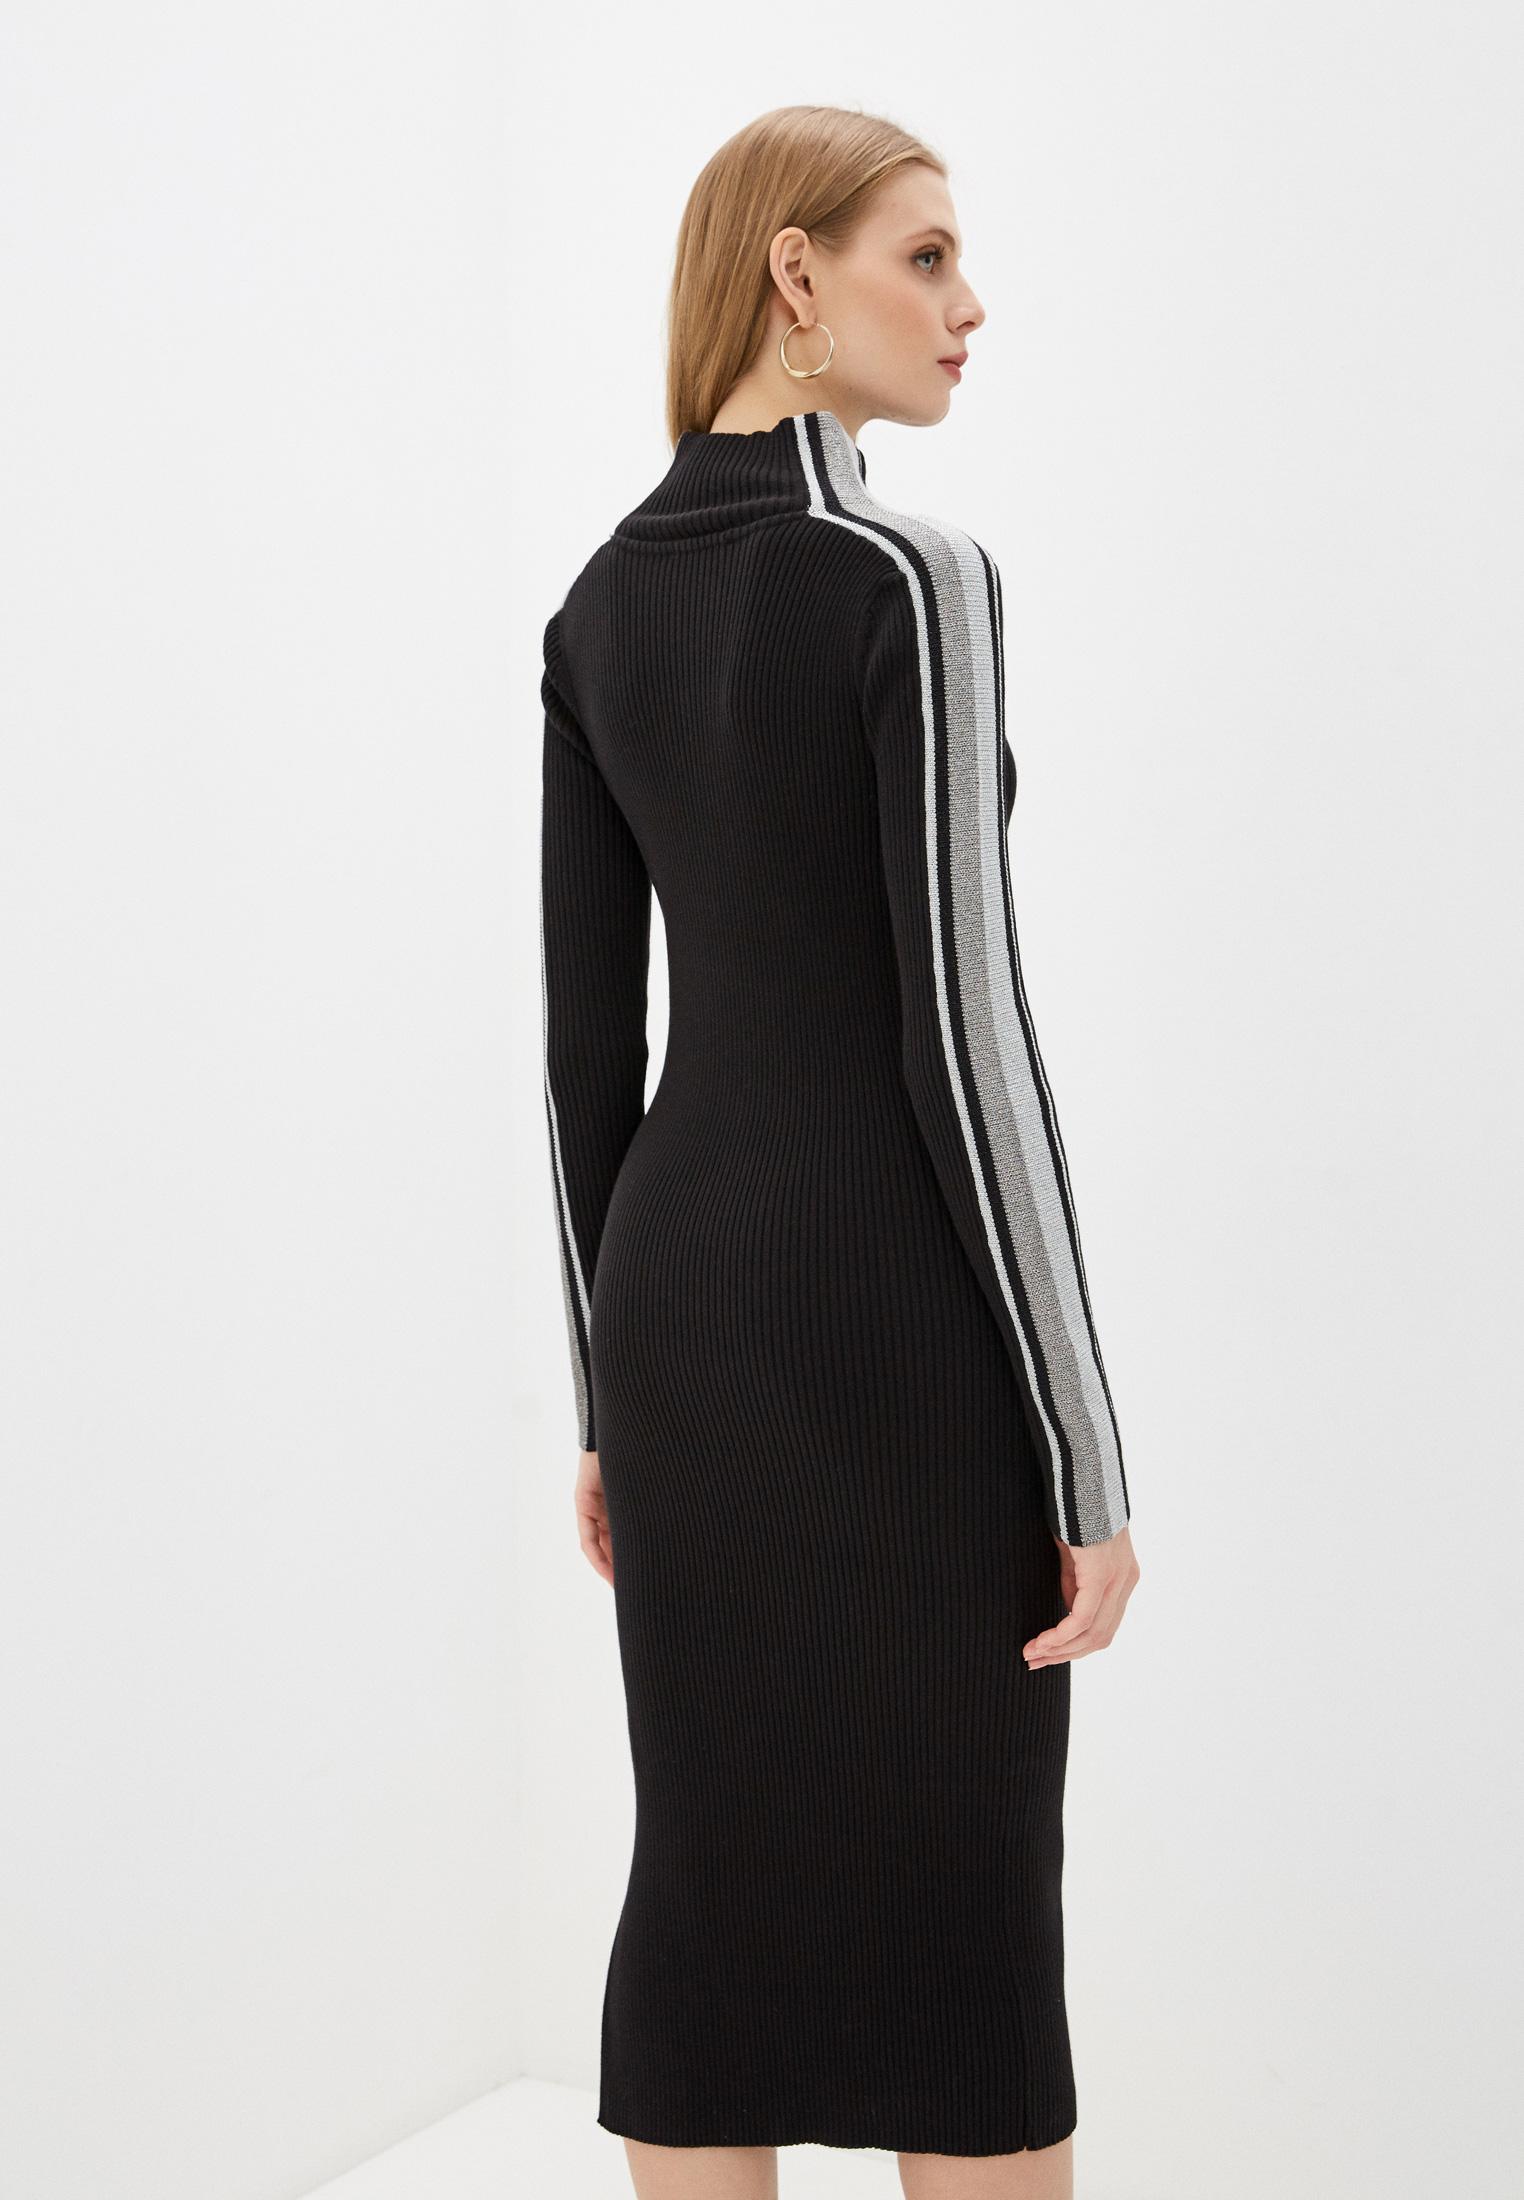 Вязаное платье Tommy Hilfiger (Томми Хилфигер) WW0WW26520: изображение 3